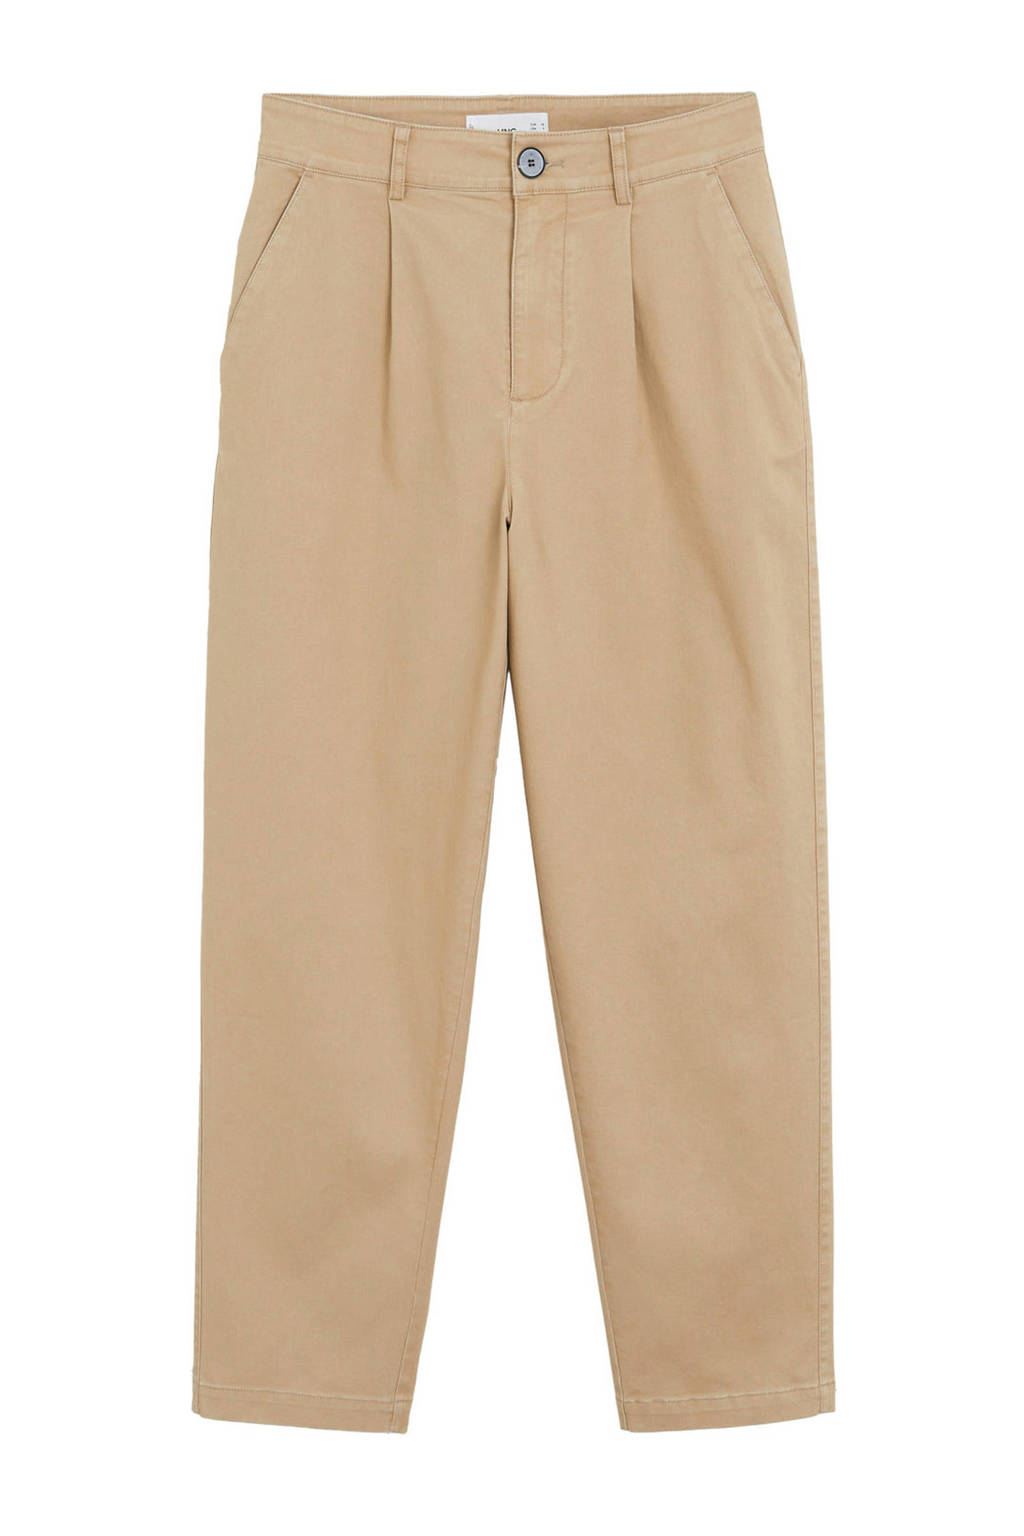 Mango cropped loose fit broek beige, Beige